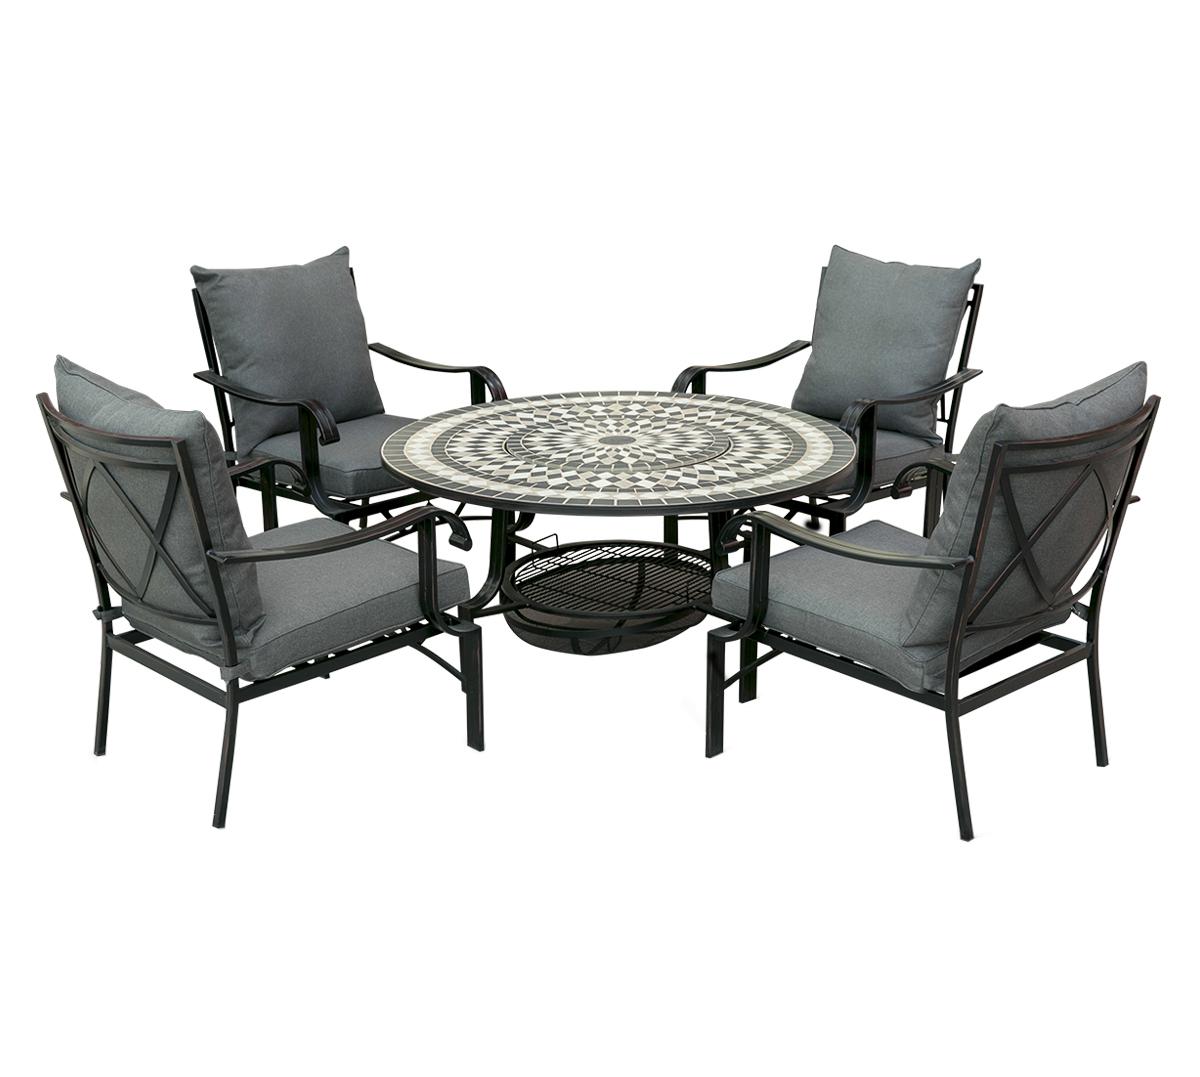 Leisuregrow Casablanca 4-Seater 3-in-1 Multifunctional Furniture Set